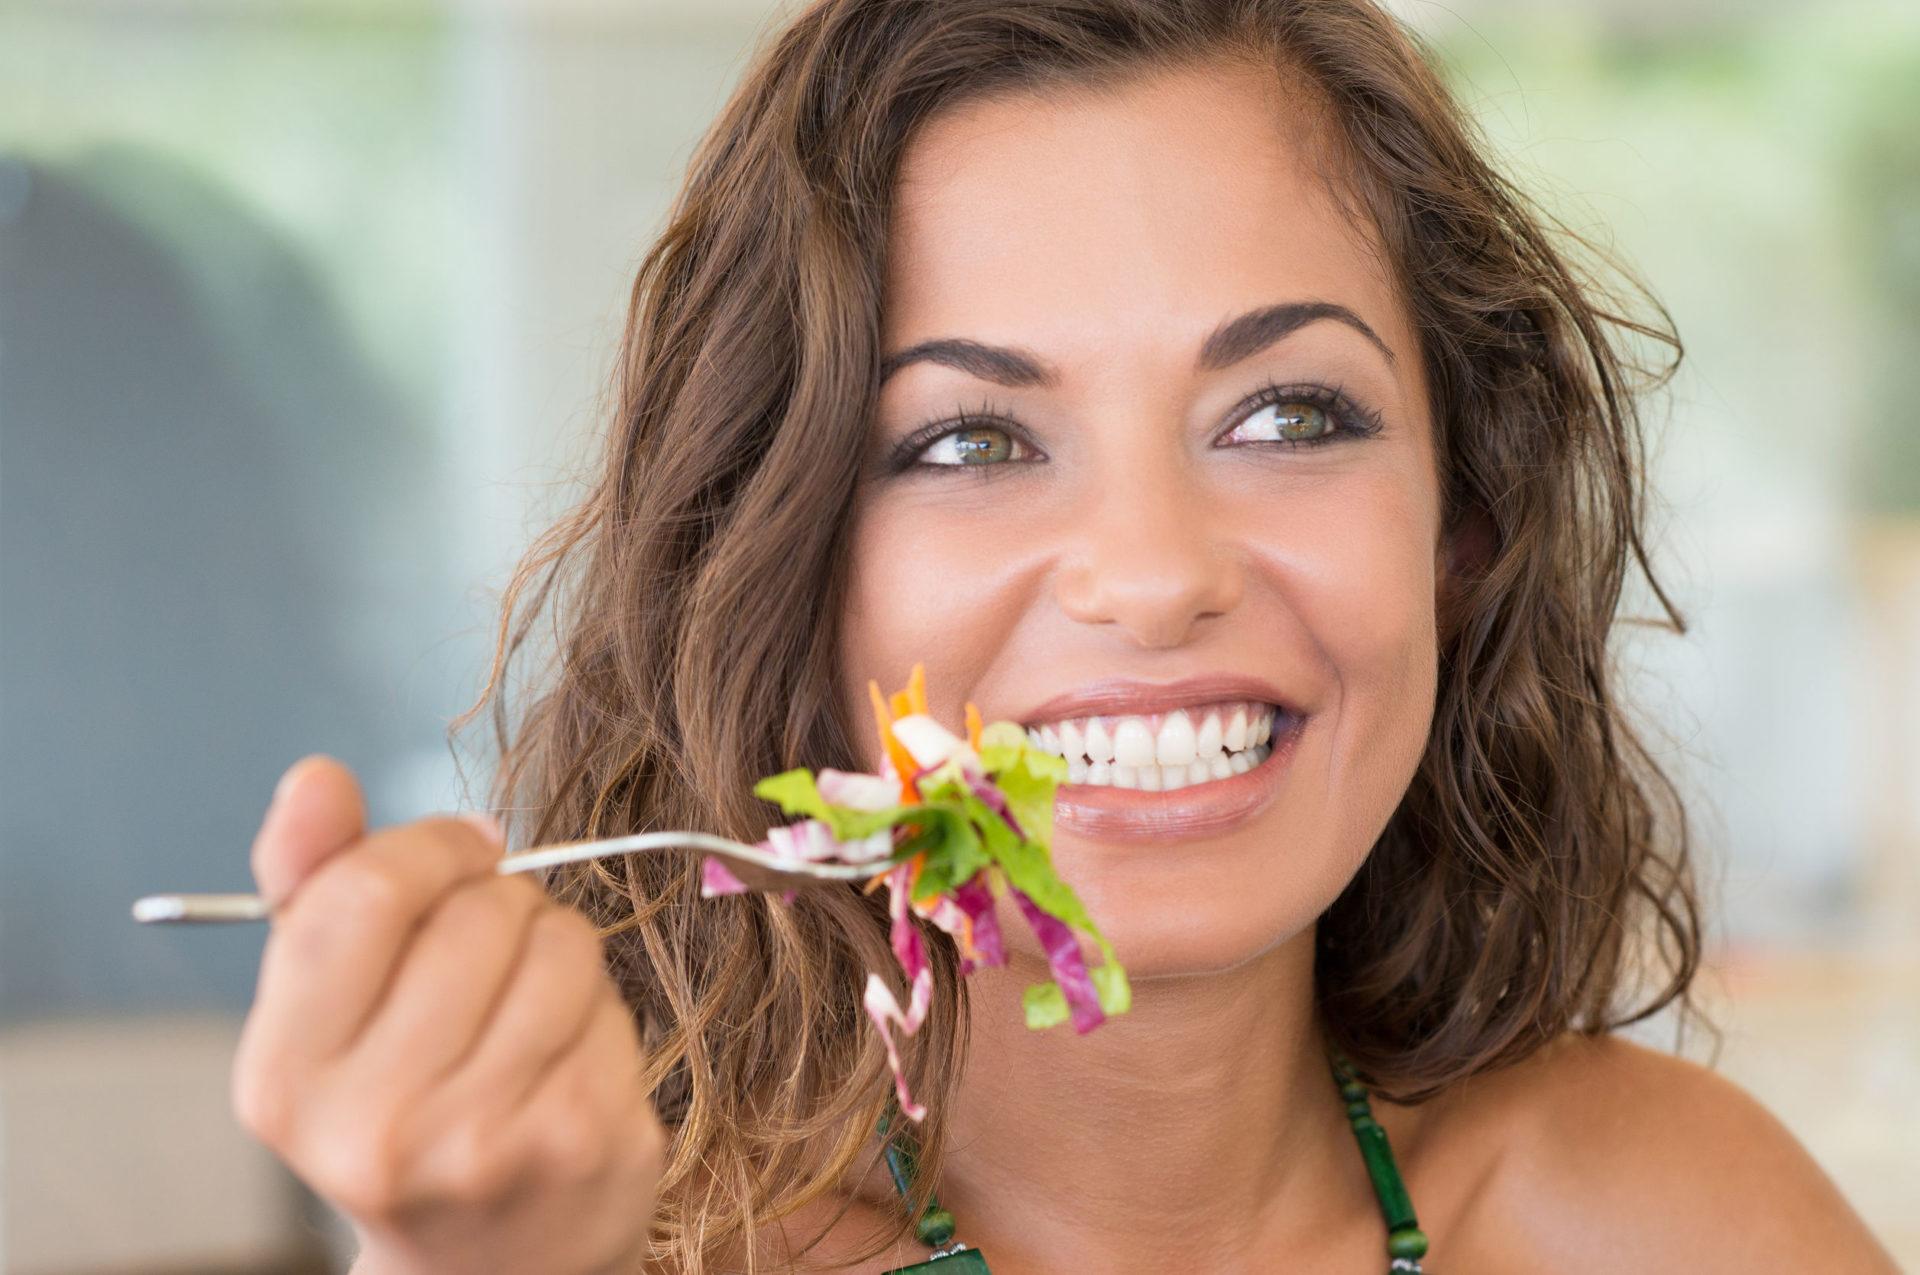 ¿Tendrás problemas para comer con normalidad si usas Invisalign?